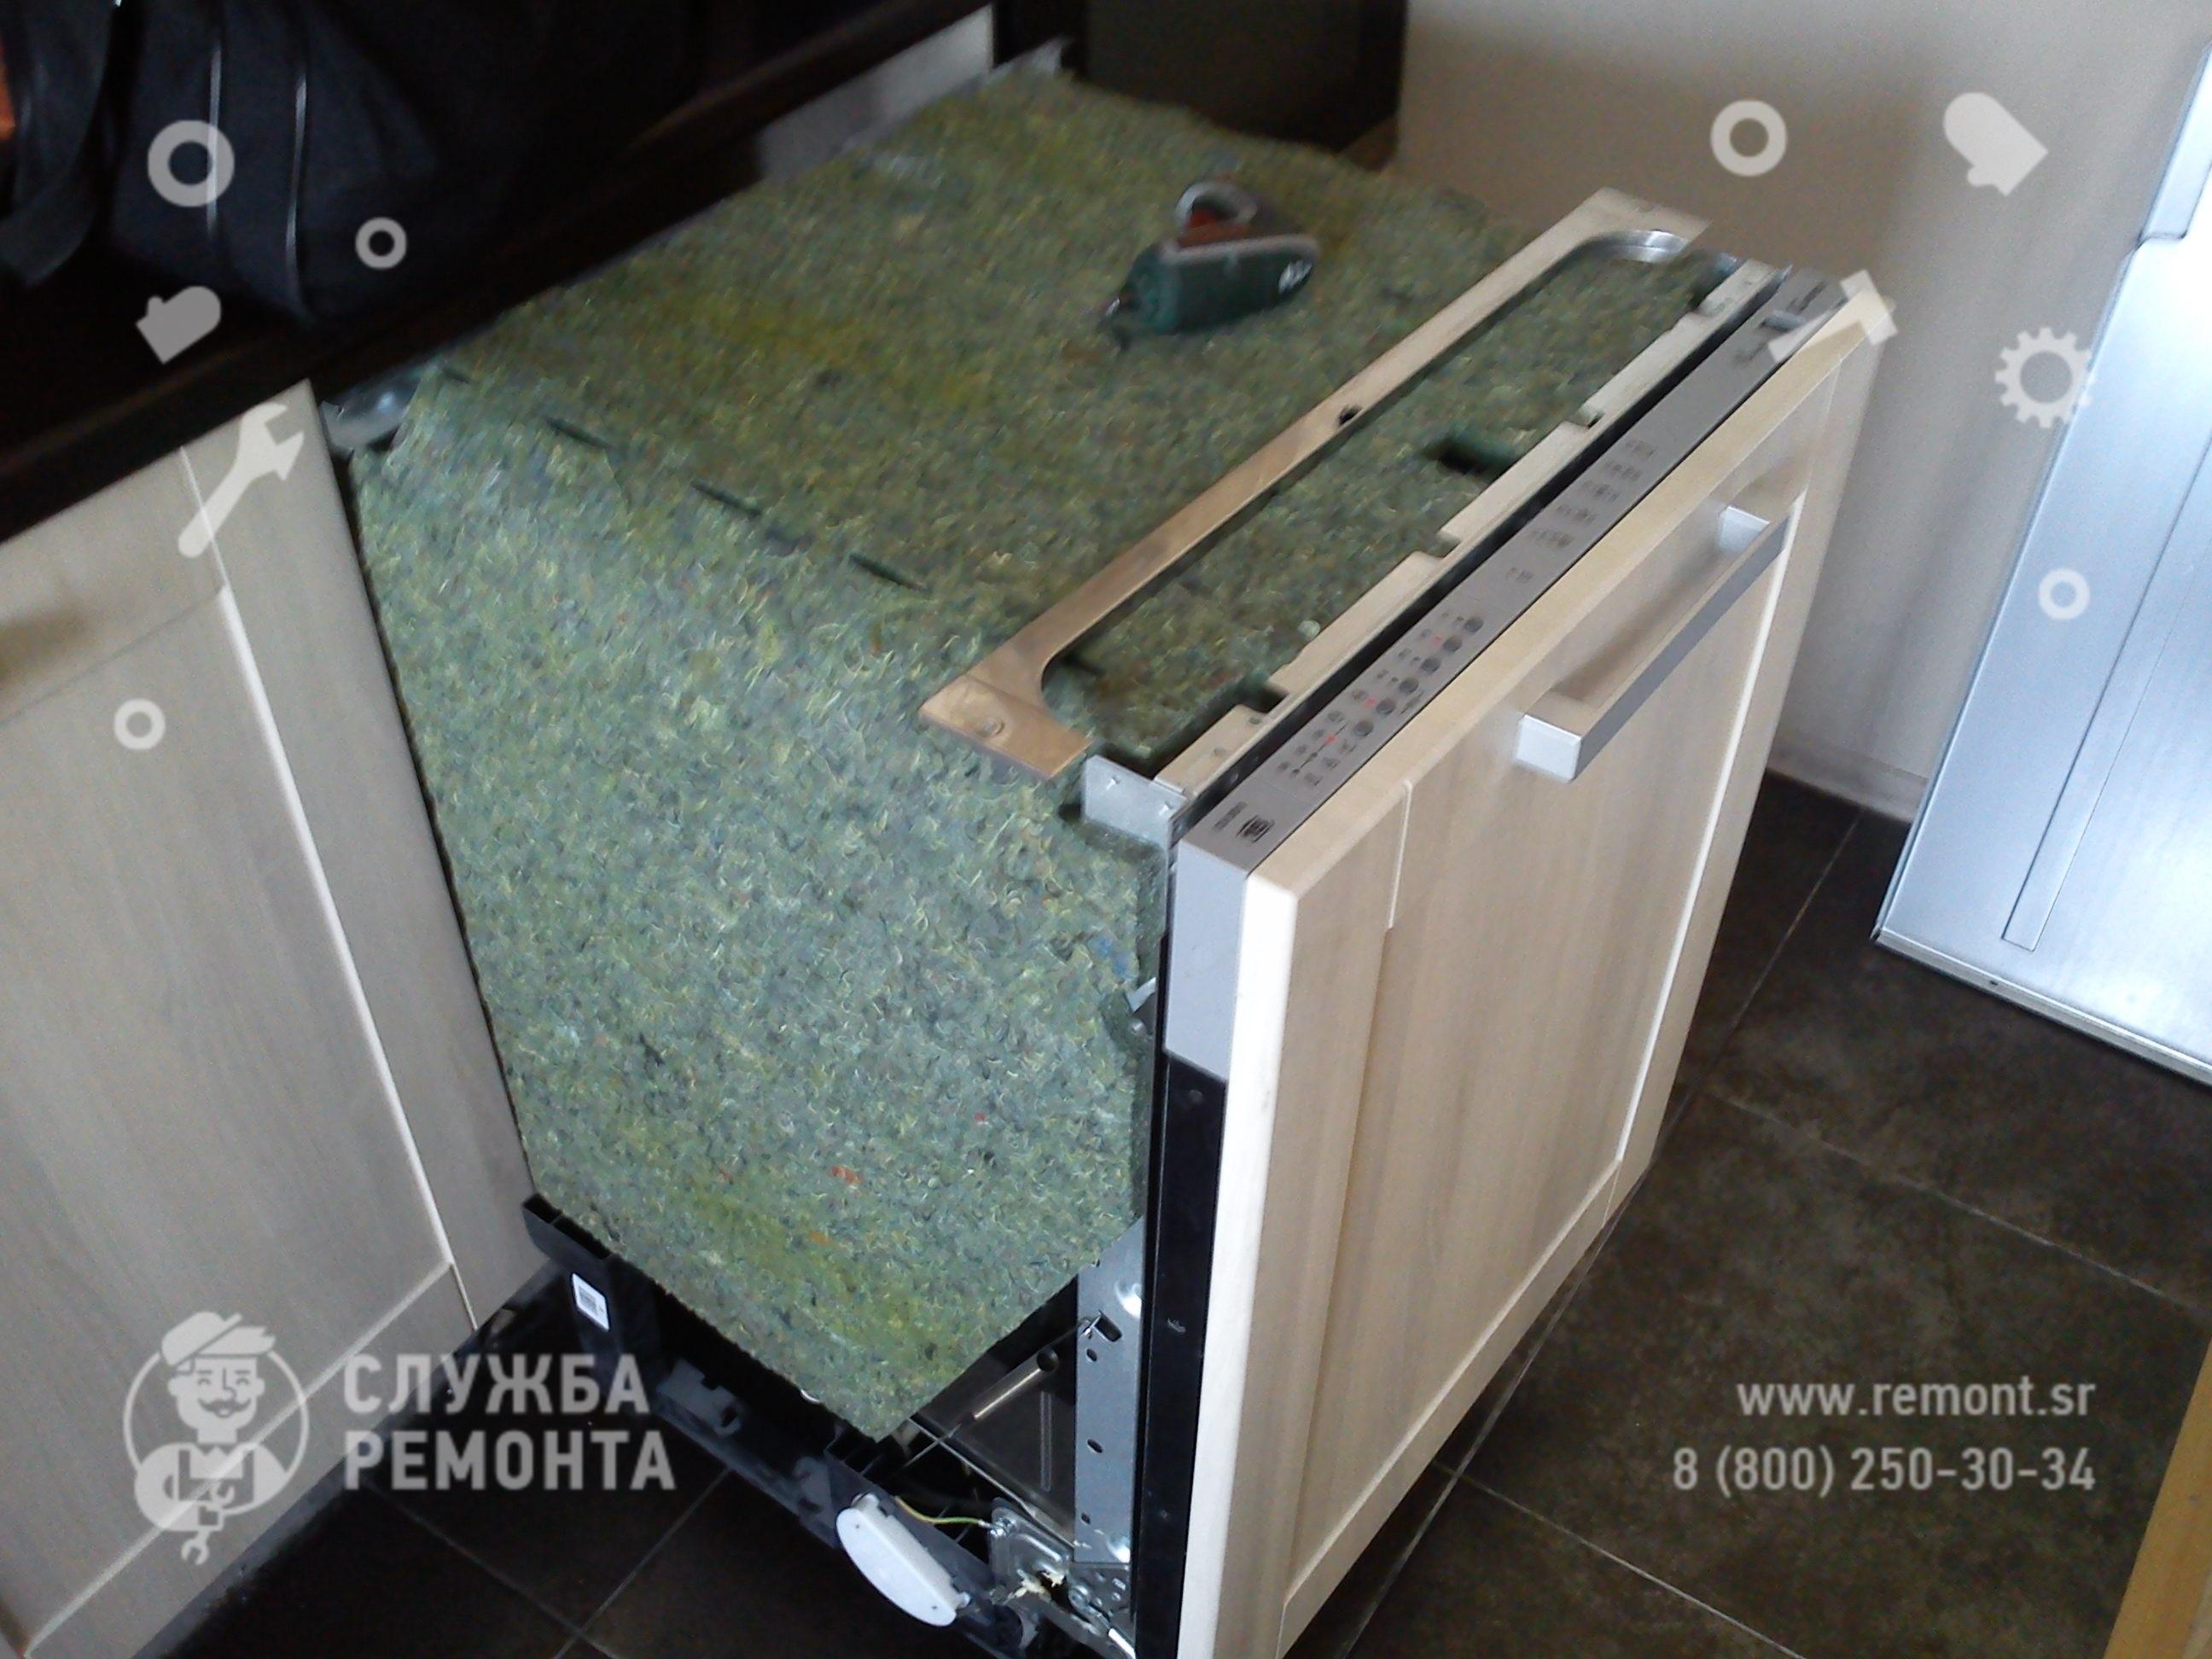 где взять схему стиральной машины индезит